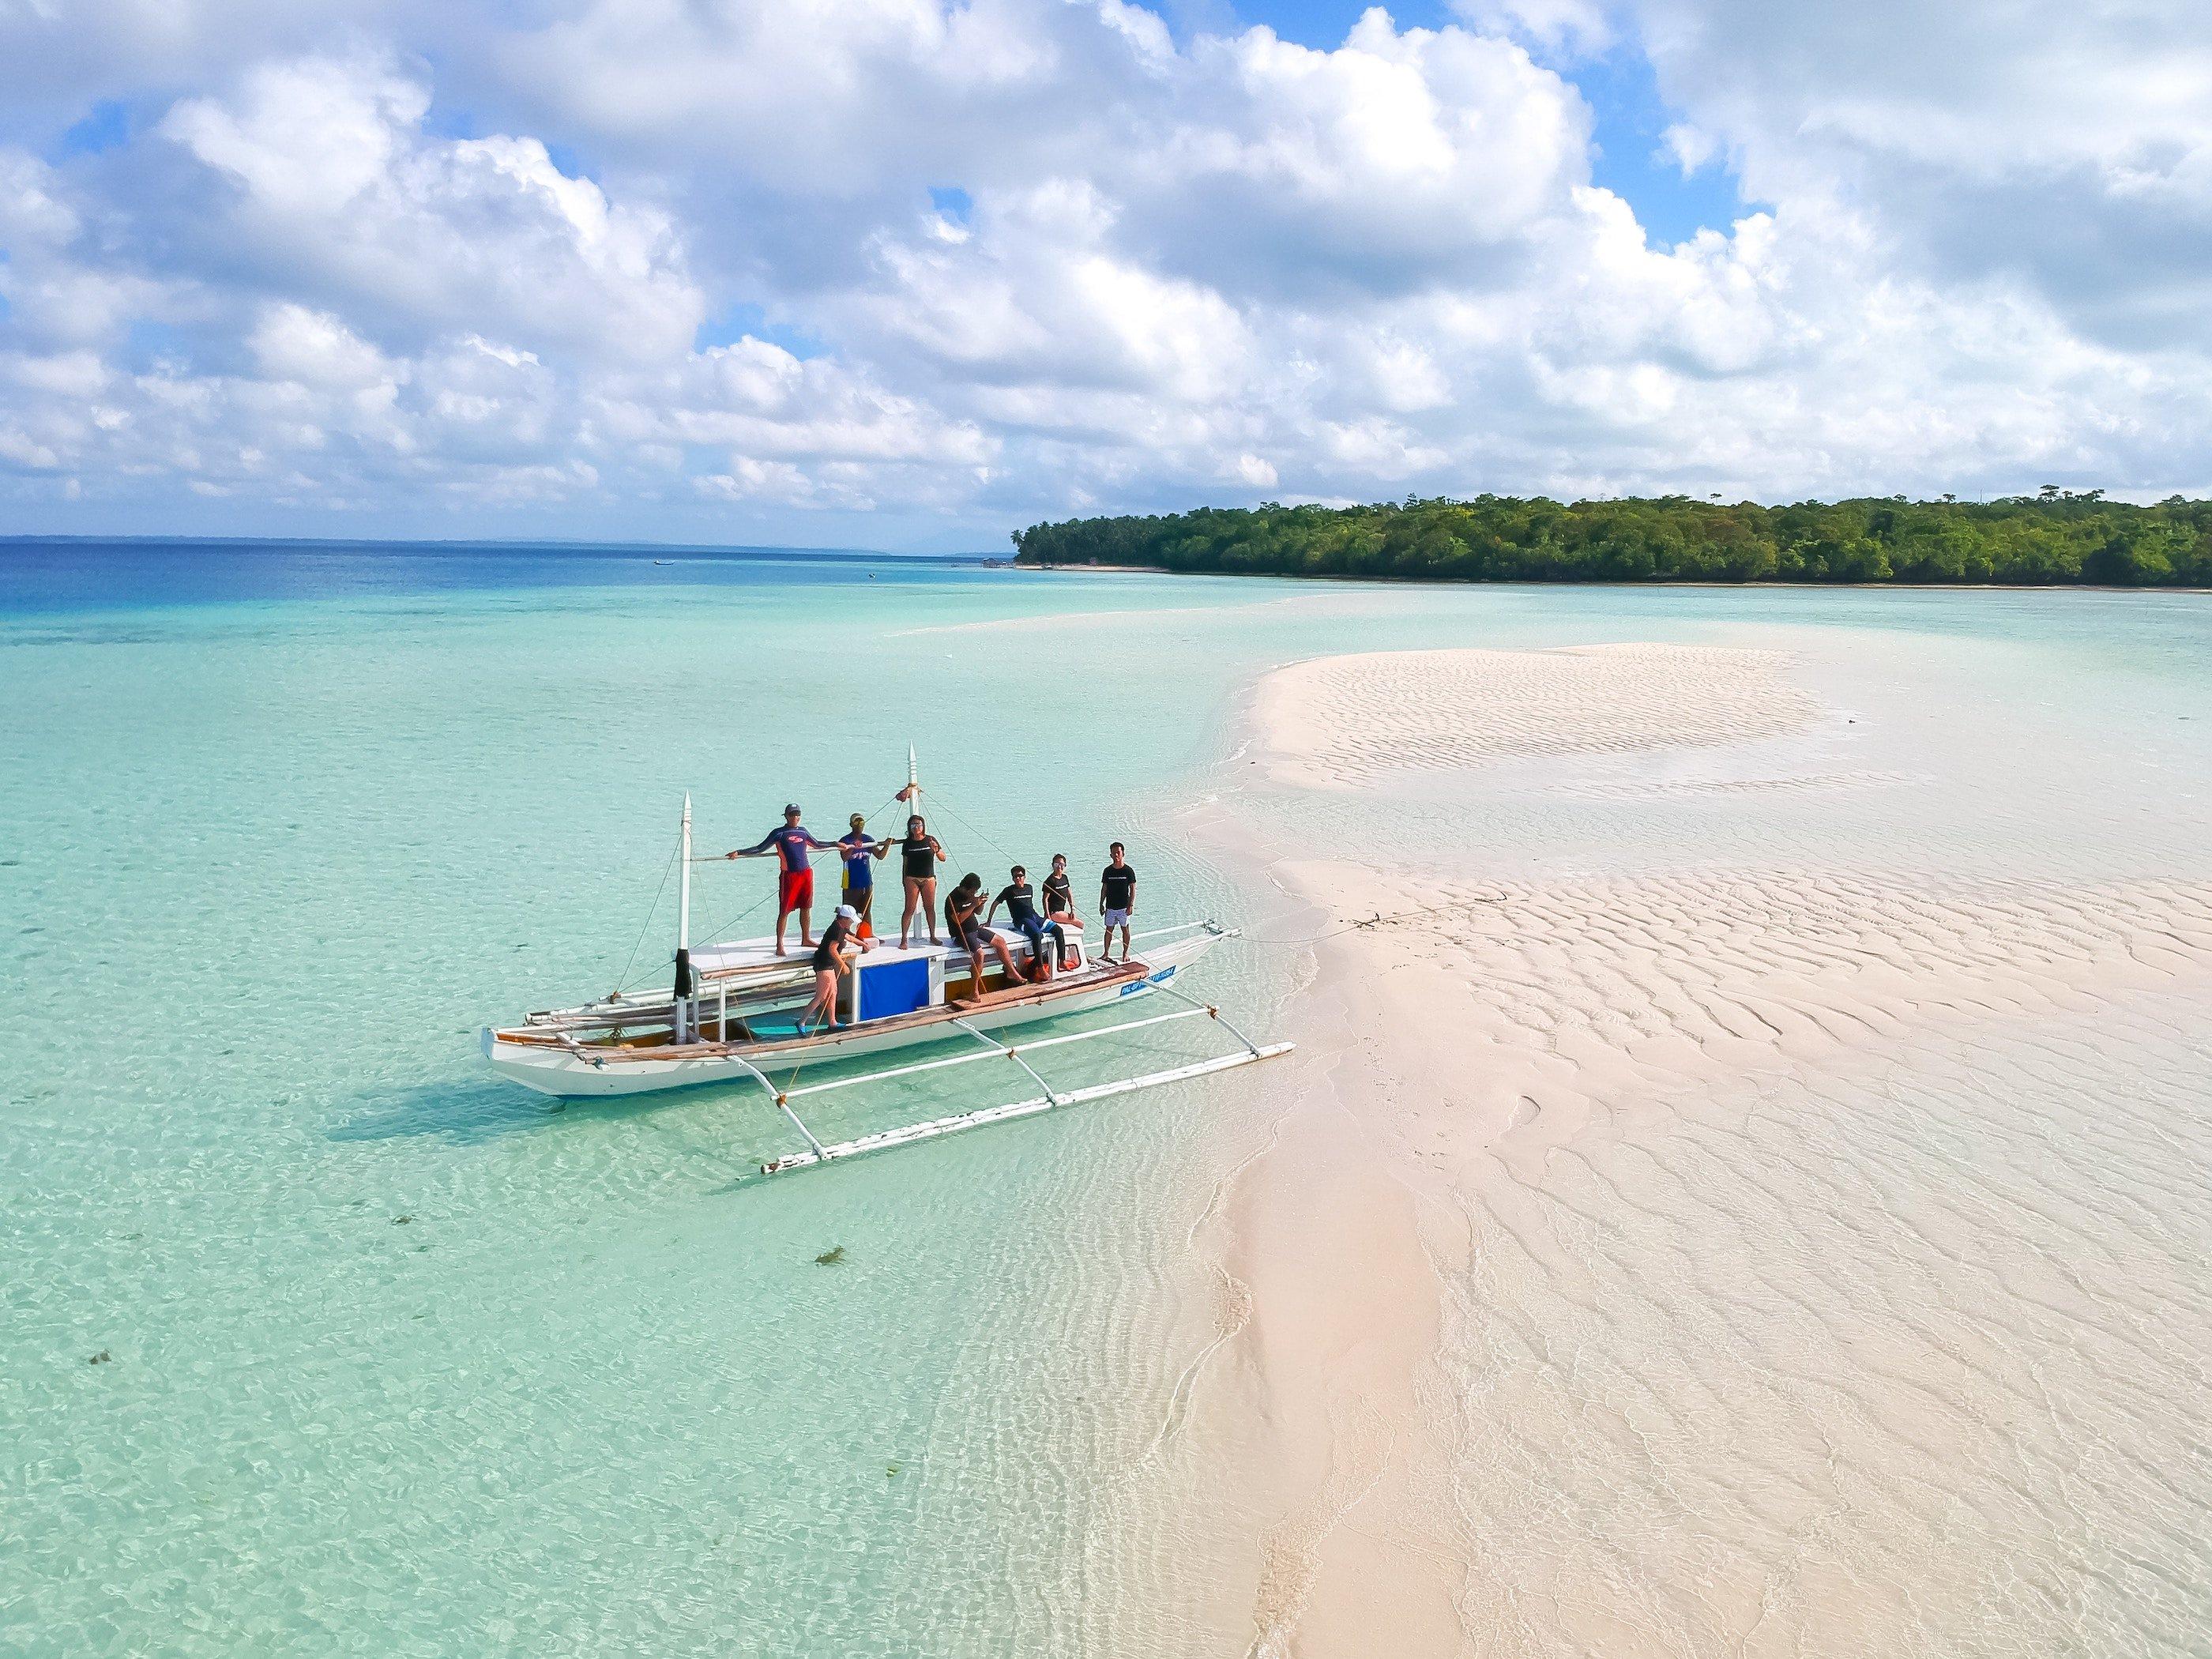 Turisti in barca per visitare le isole di Balabac